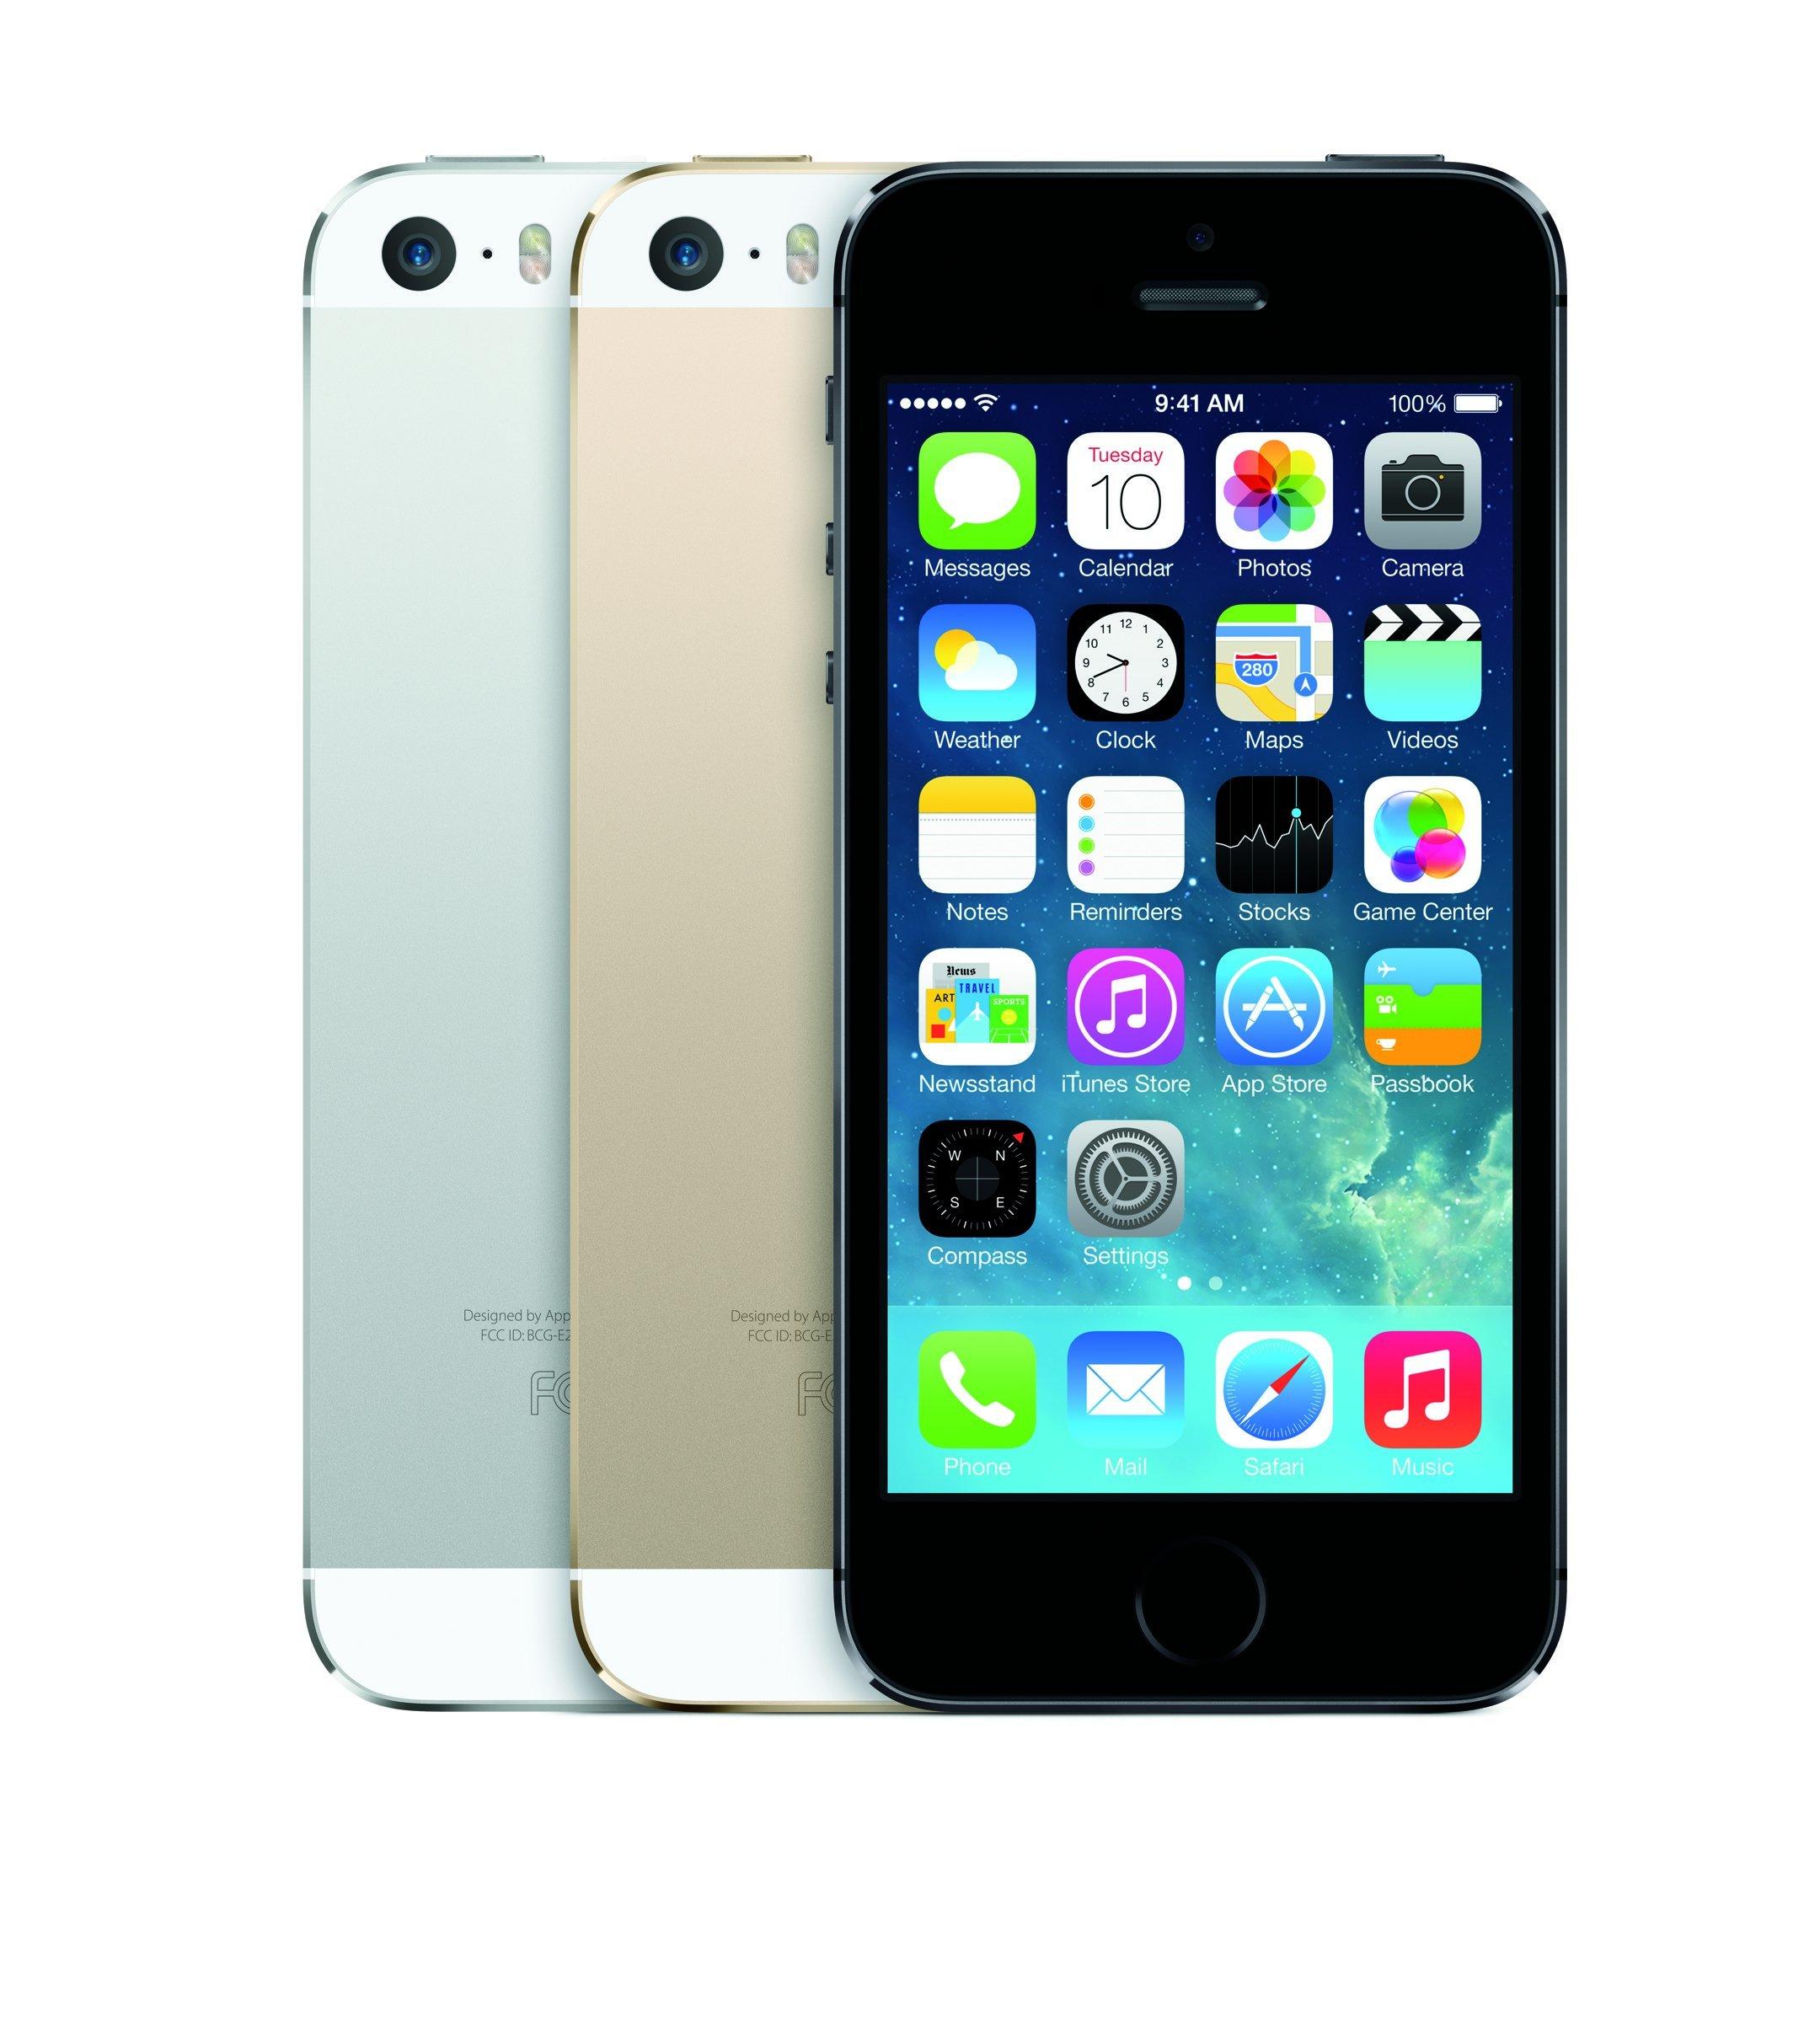 iPhone 5s bei US-Mobilfunkprovidern wieder vor Galaxy S4